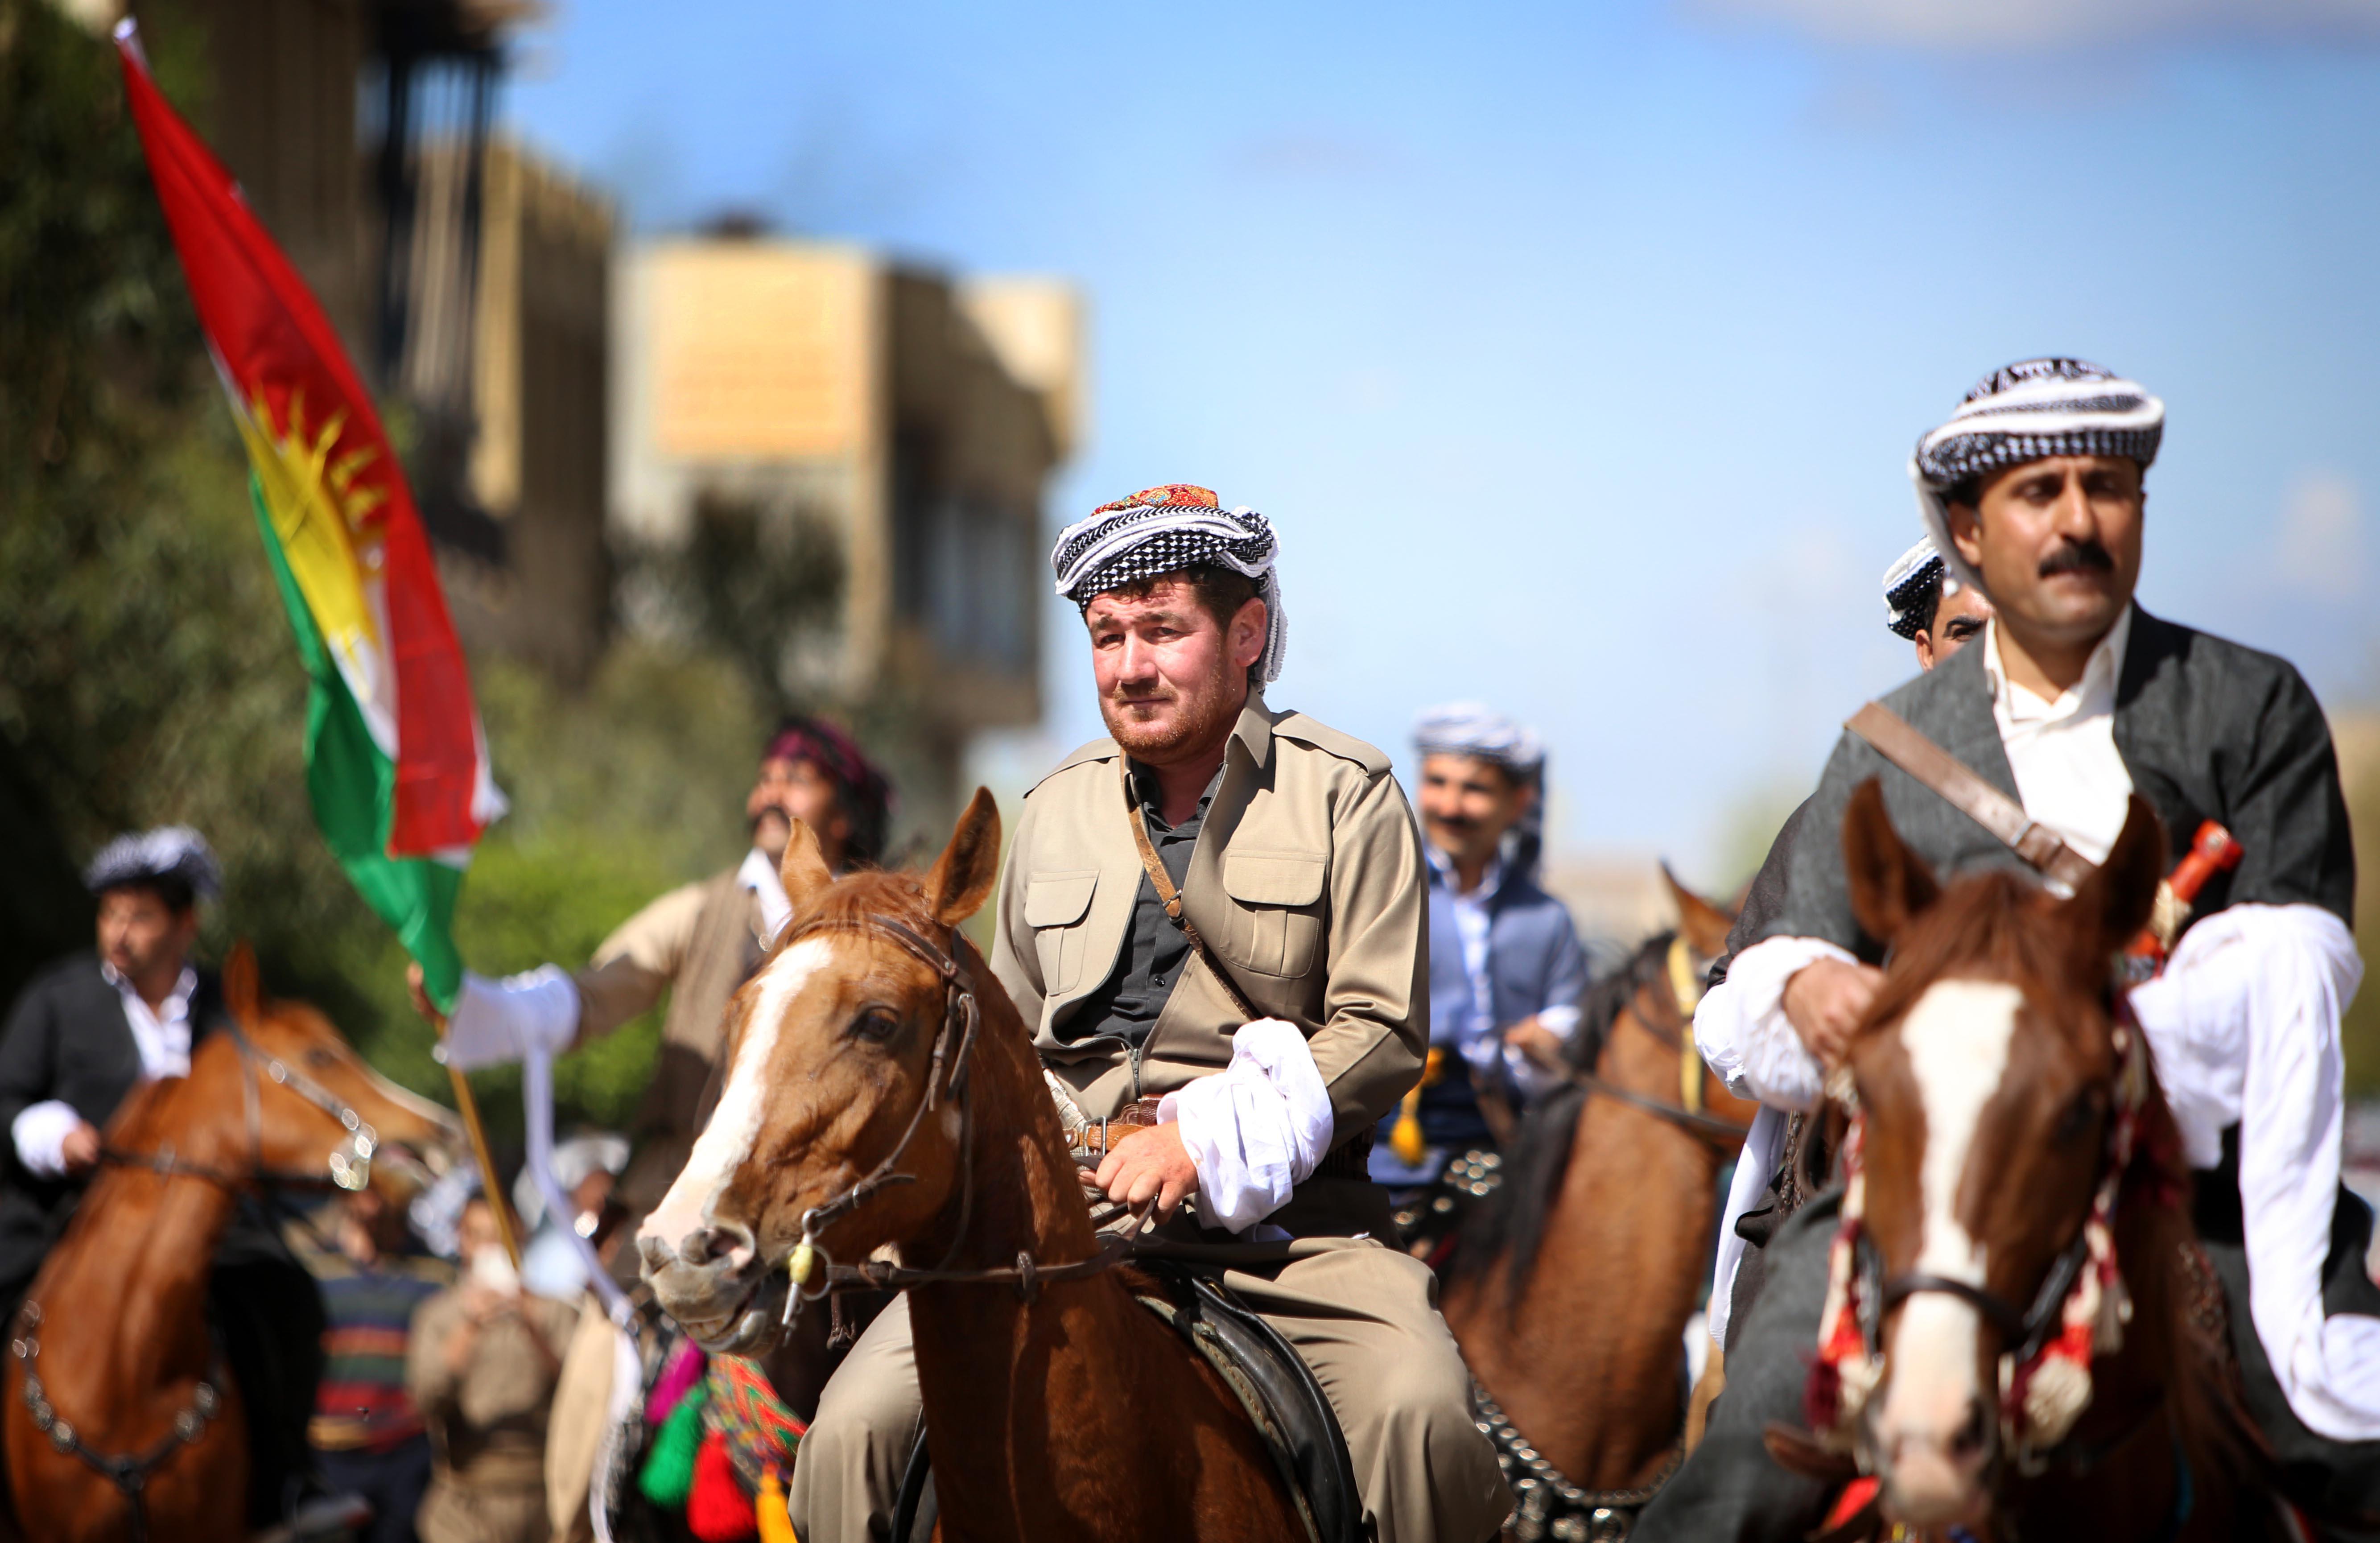 مواطنون أكراد يحيون ذكرى الانتفاضة الكردية في أربيل_ آذار 2014